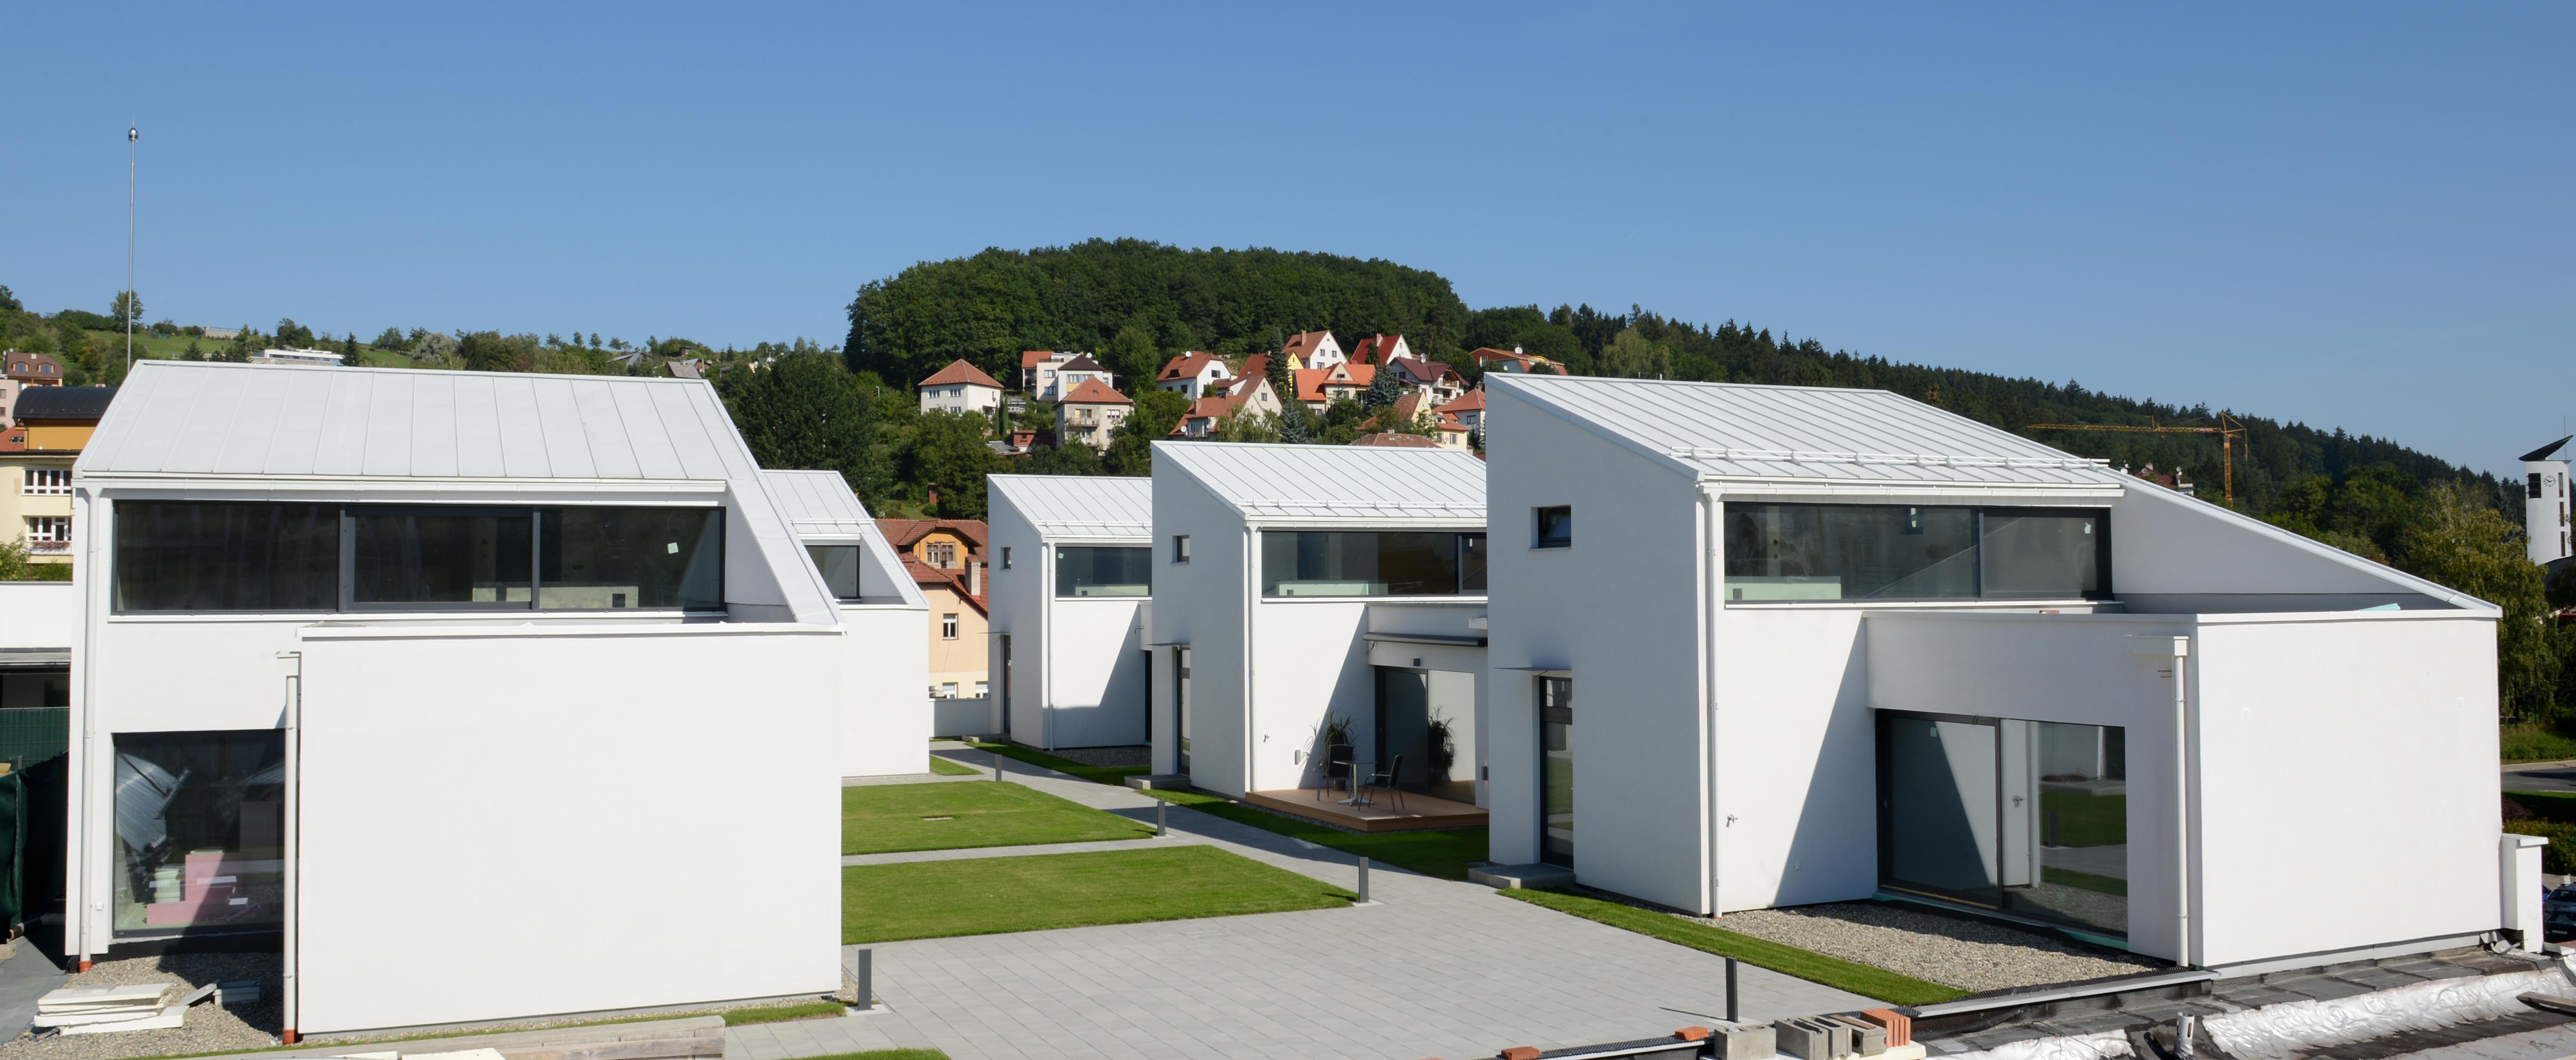 Bild 14:10. Grupphusområde i lättbyggnadsteknik. Fota: Lindab AB.